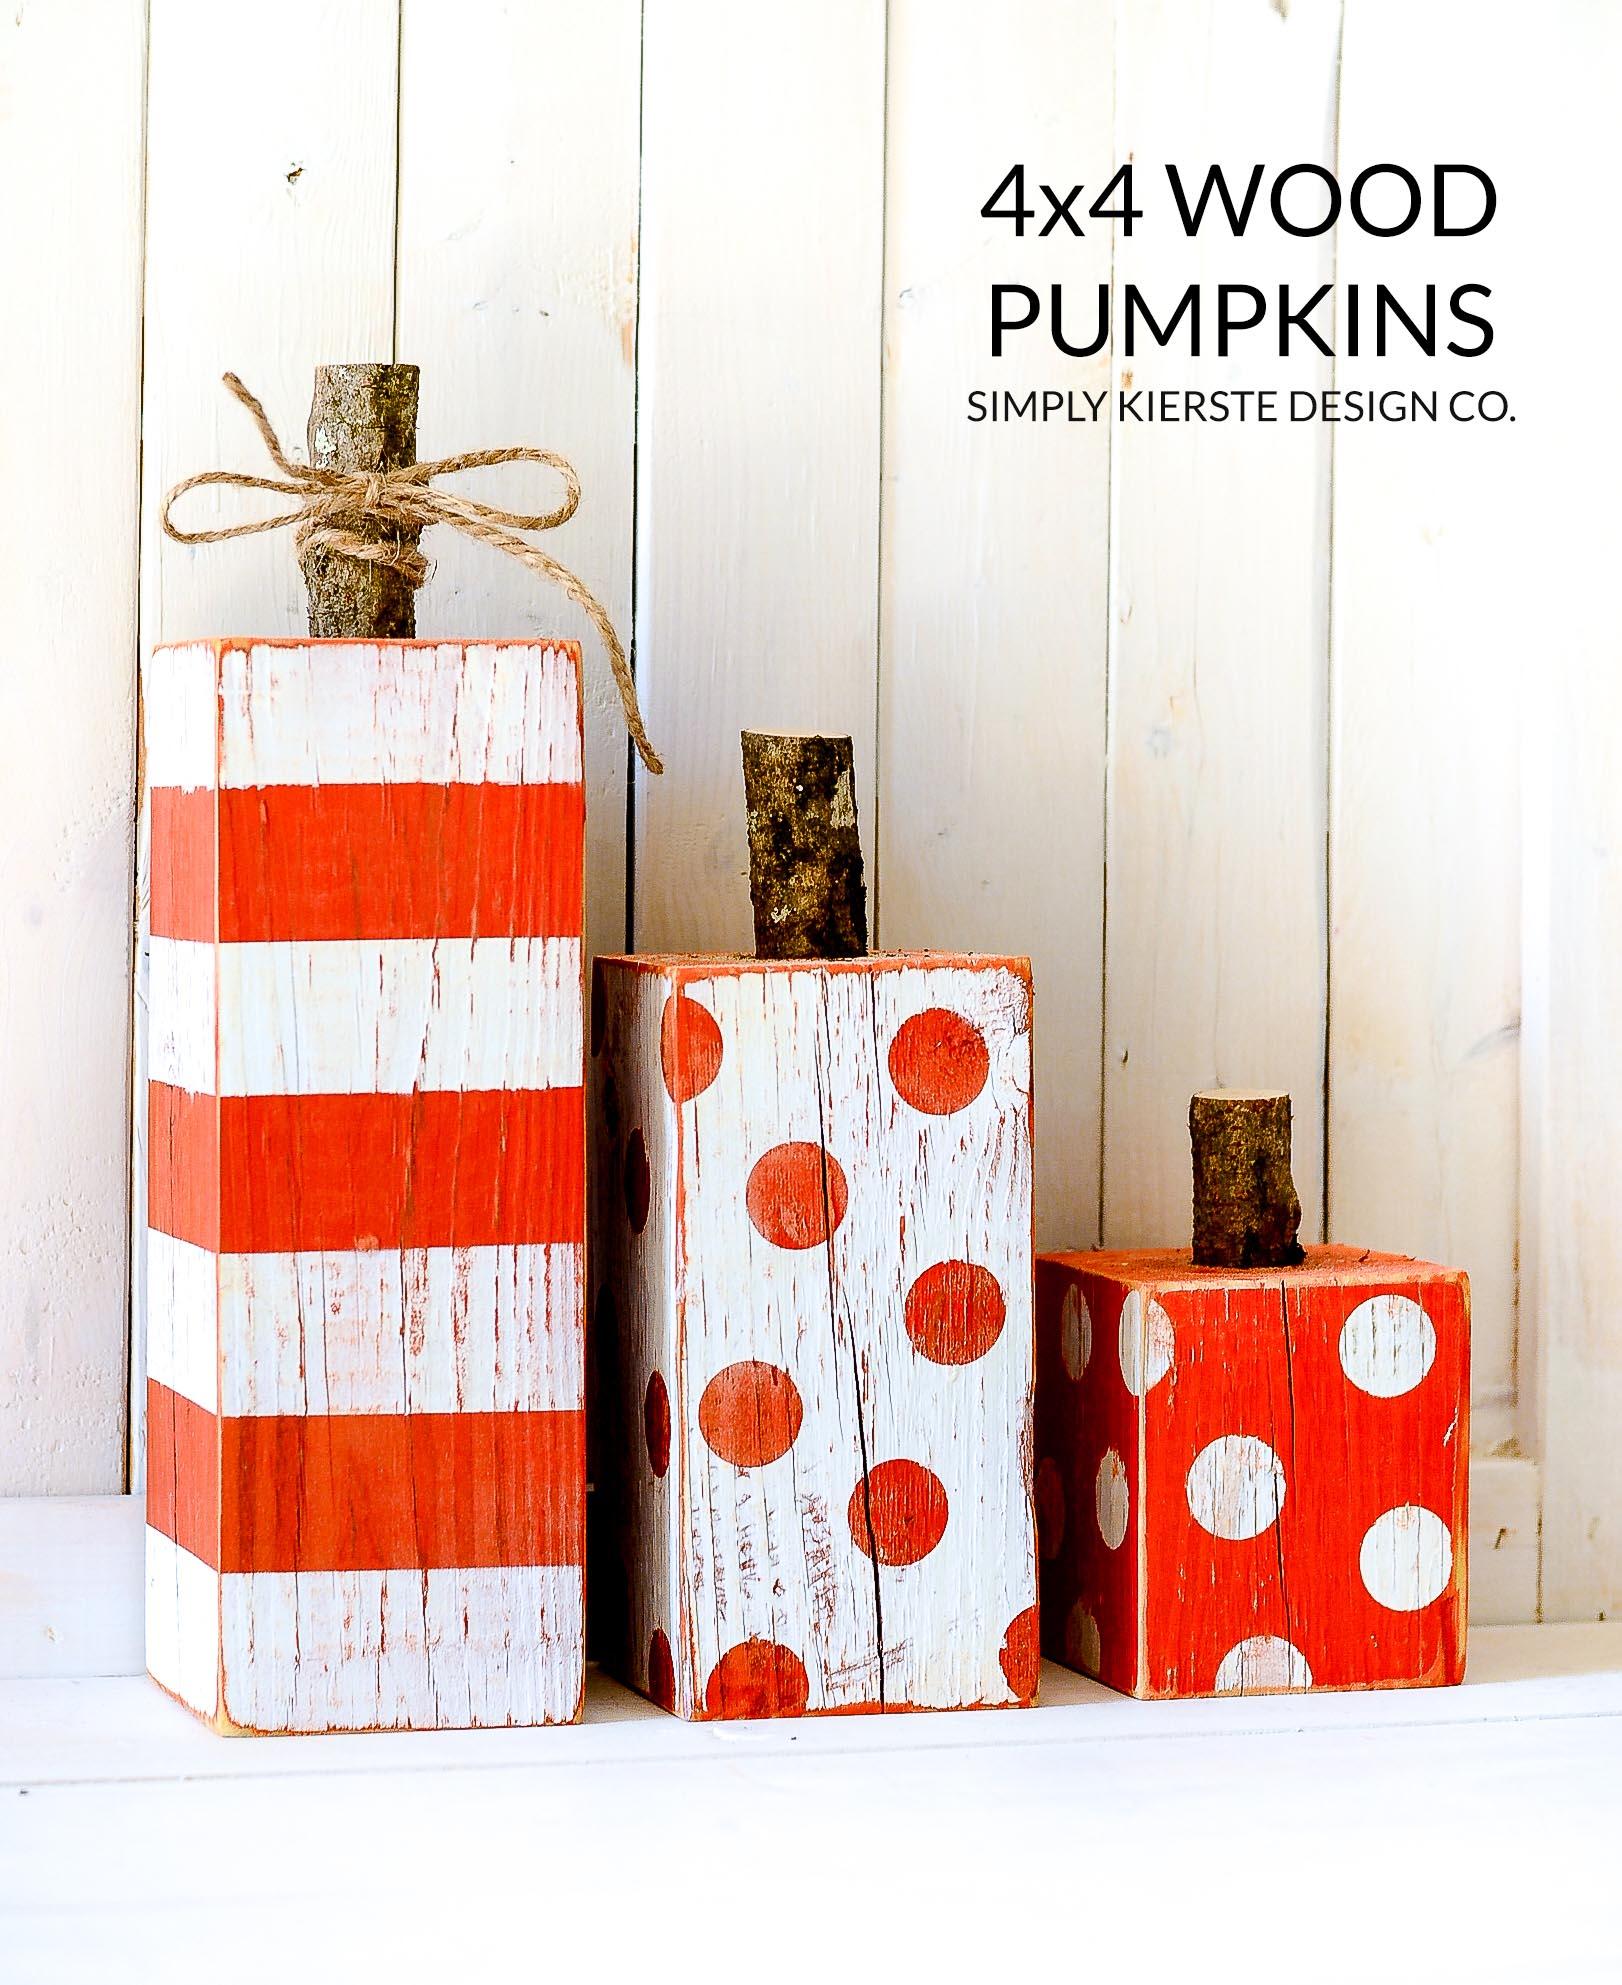 4x4 Wood Pumpkins | oldsaltfarm.com